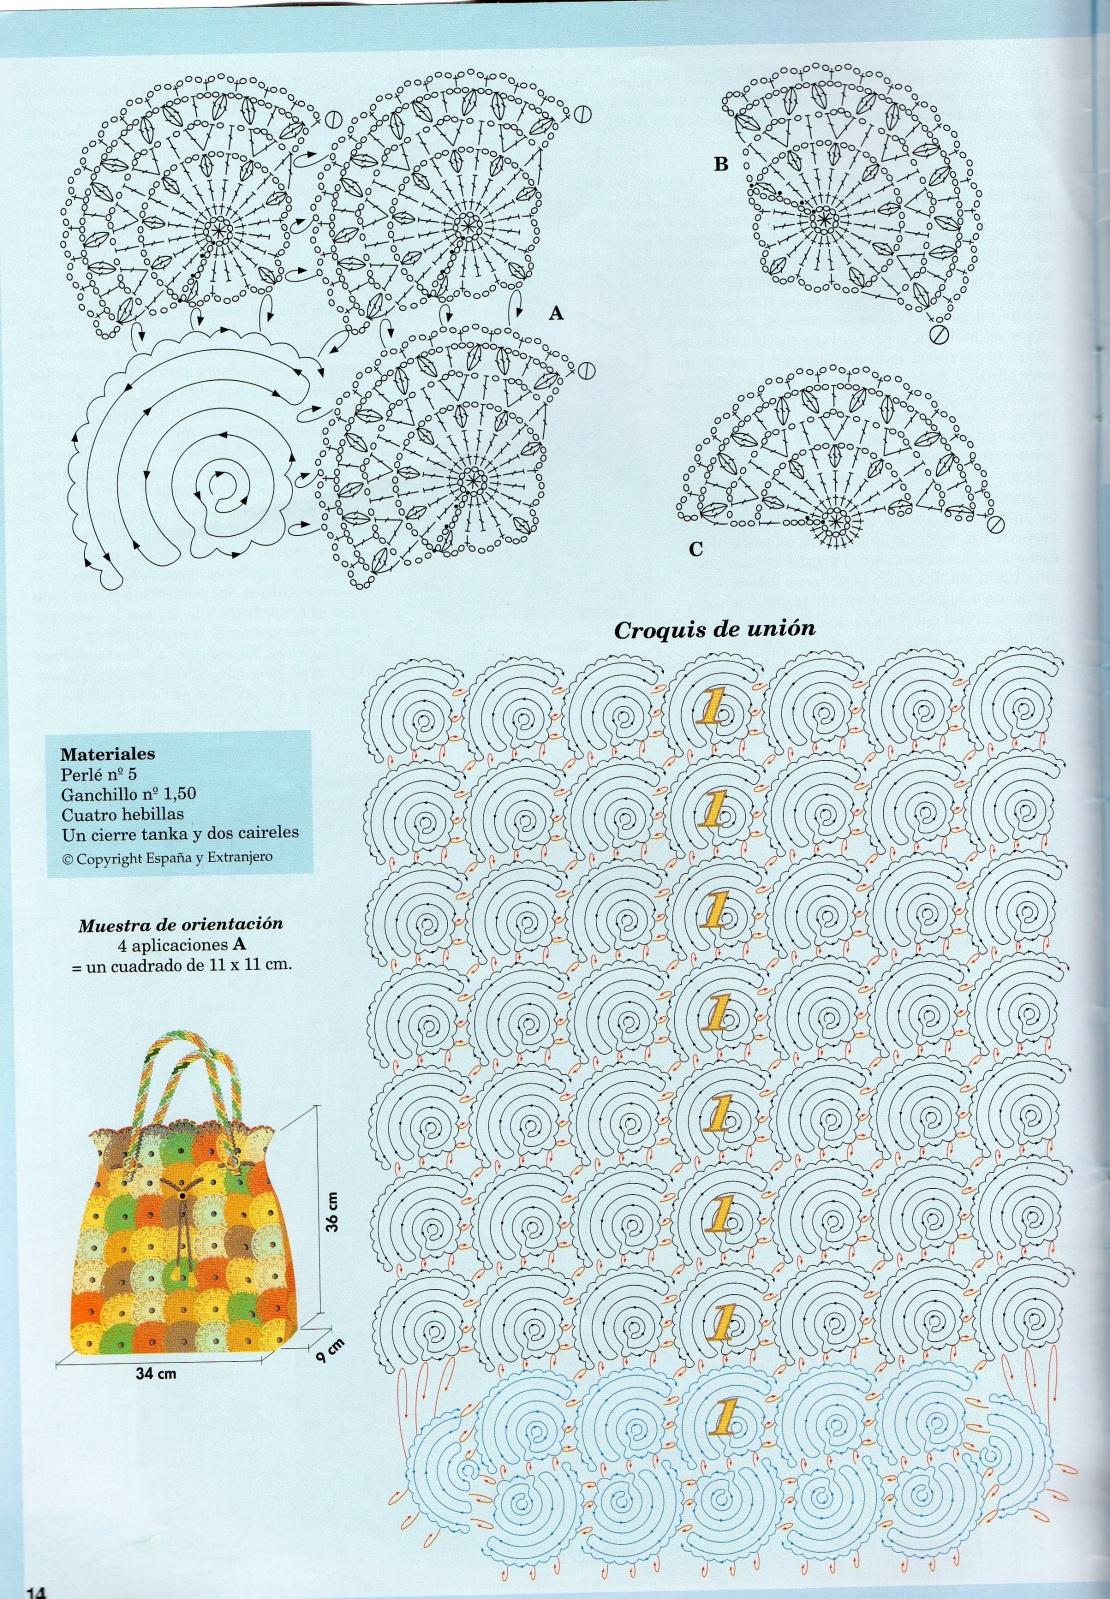 patrones - patrones de bolsos Wl40te